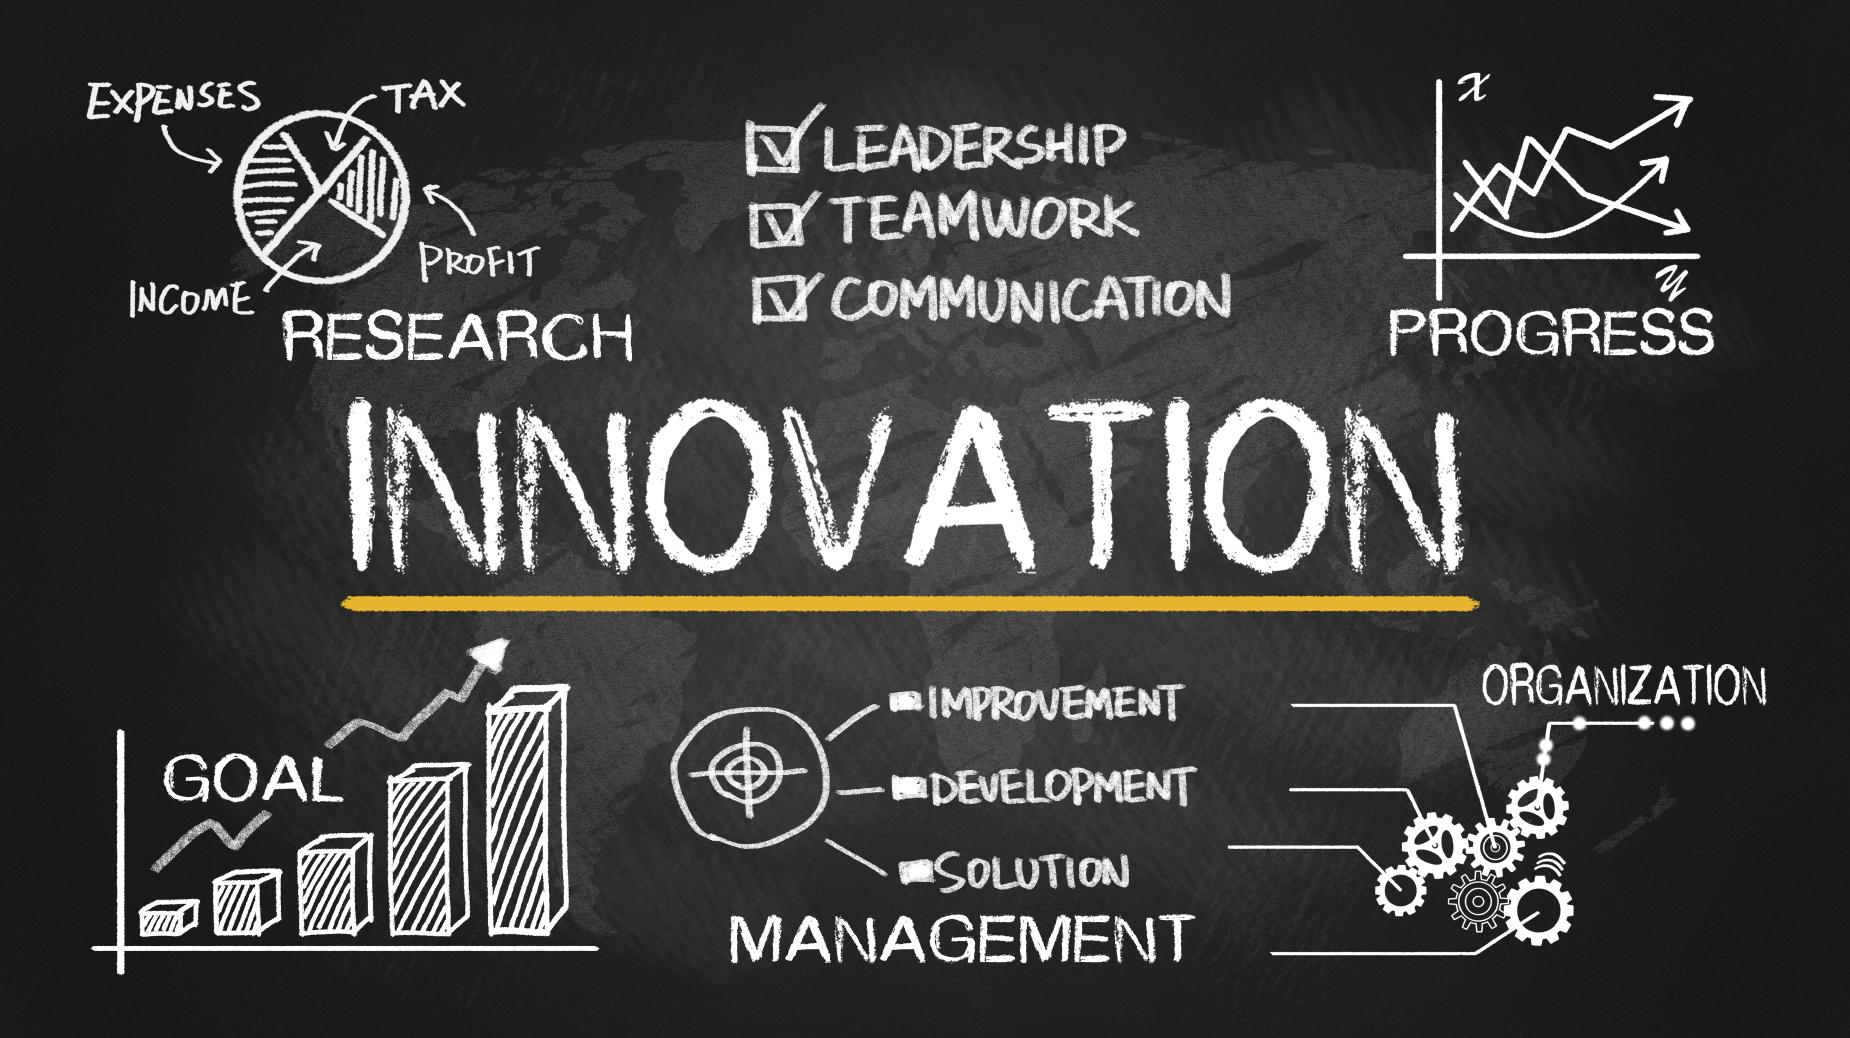 5 แนวทางการโปรโมตการขายแบบอัตโนมัติด้วยนวัตกรรมใหม่